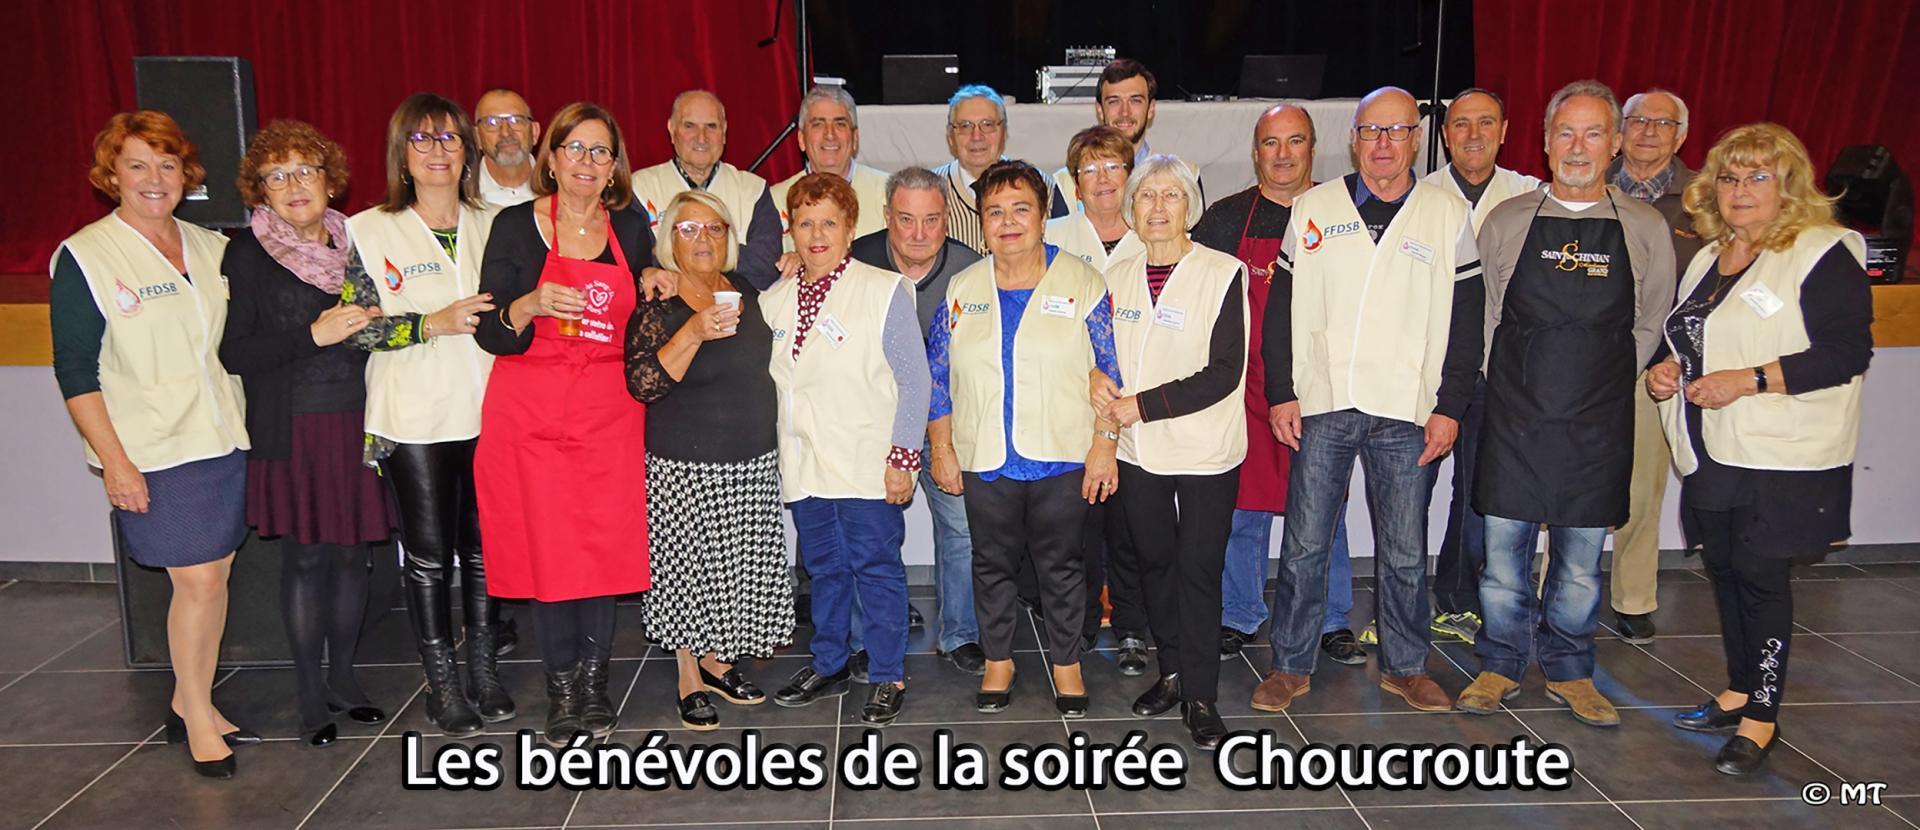 Benevoles donneurs de sang montady alignes pour la soiree choucroute 2019